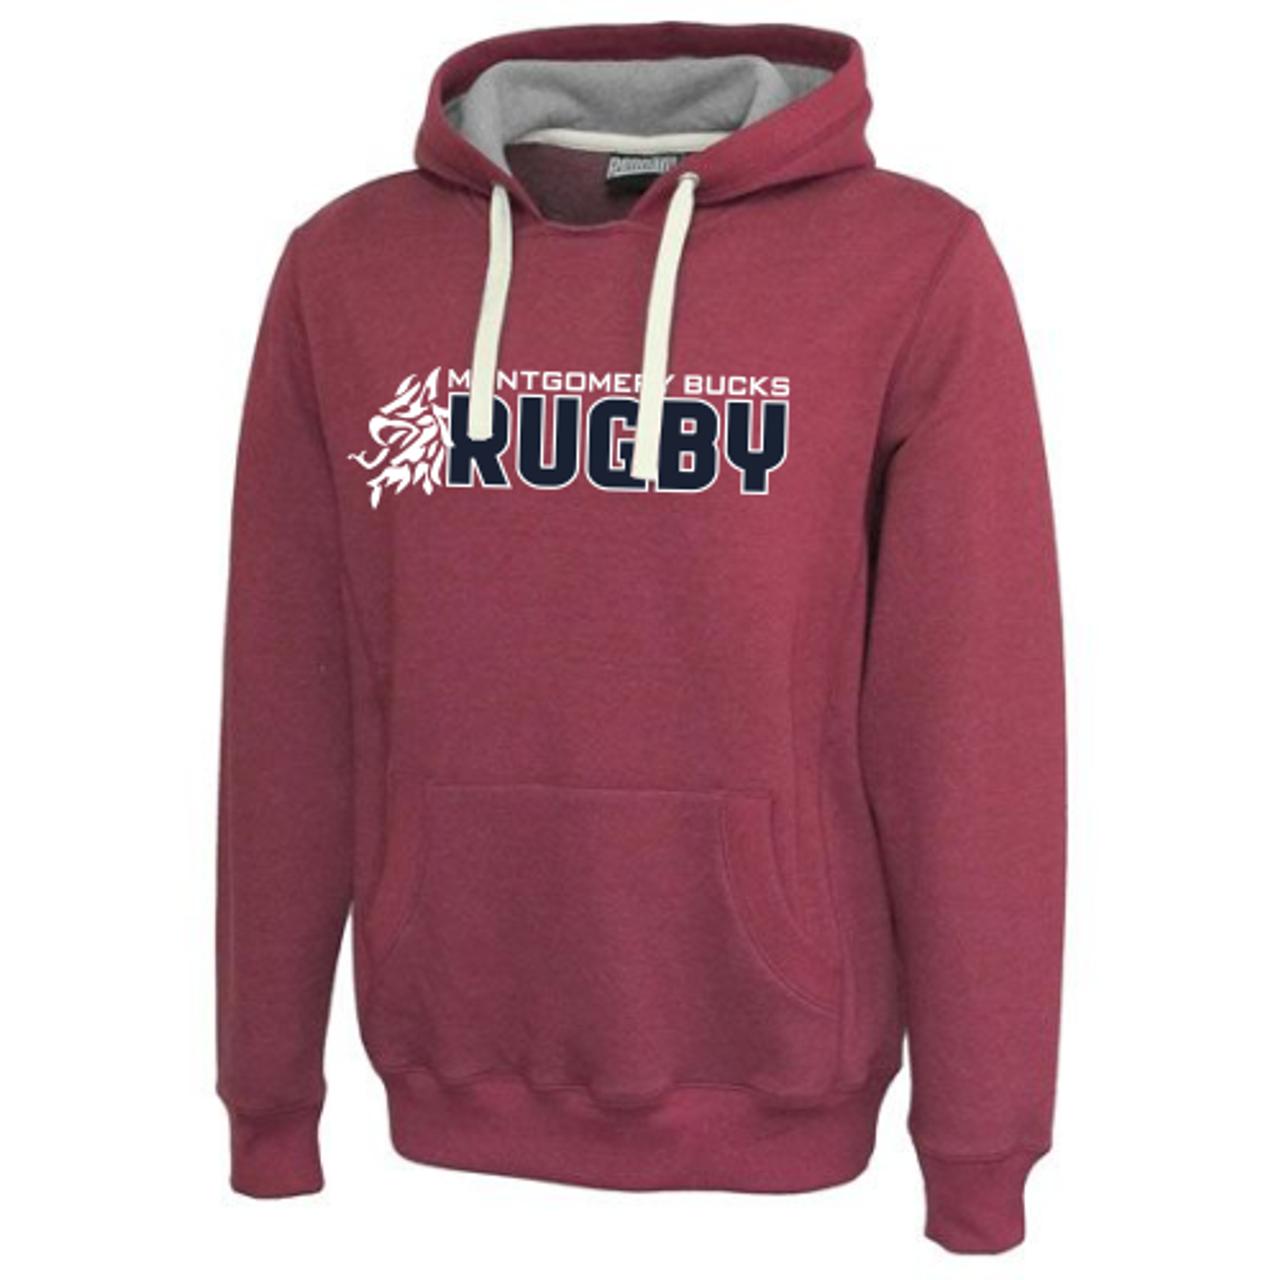 MB Rugby Throwback Hoodie, Maroon